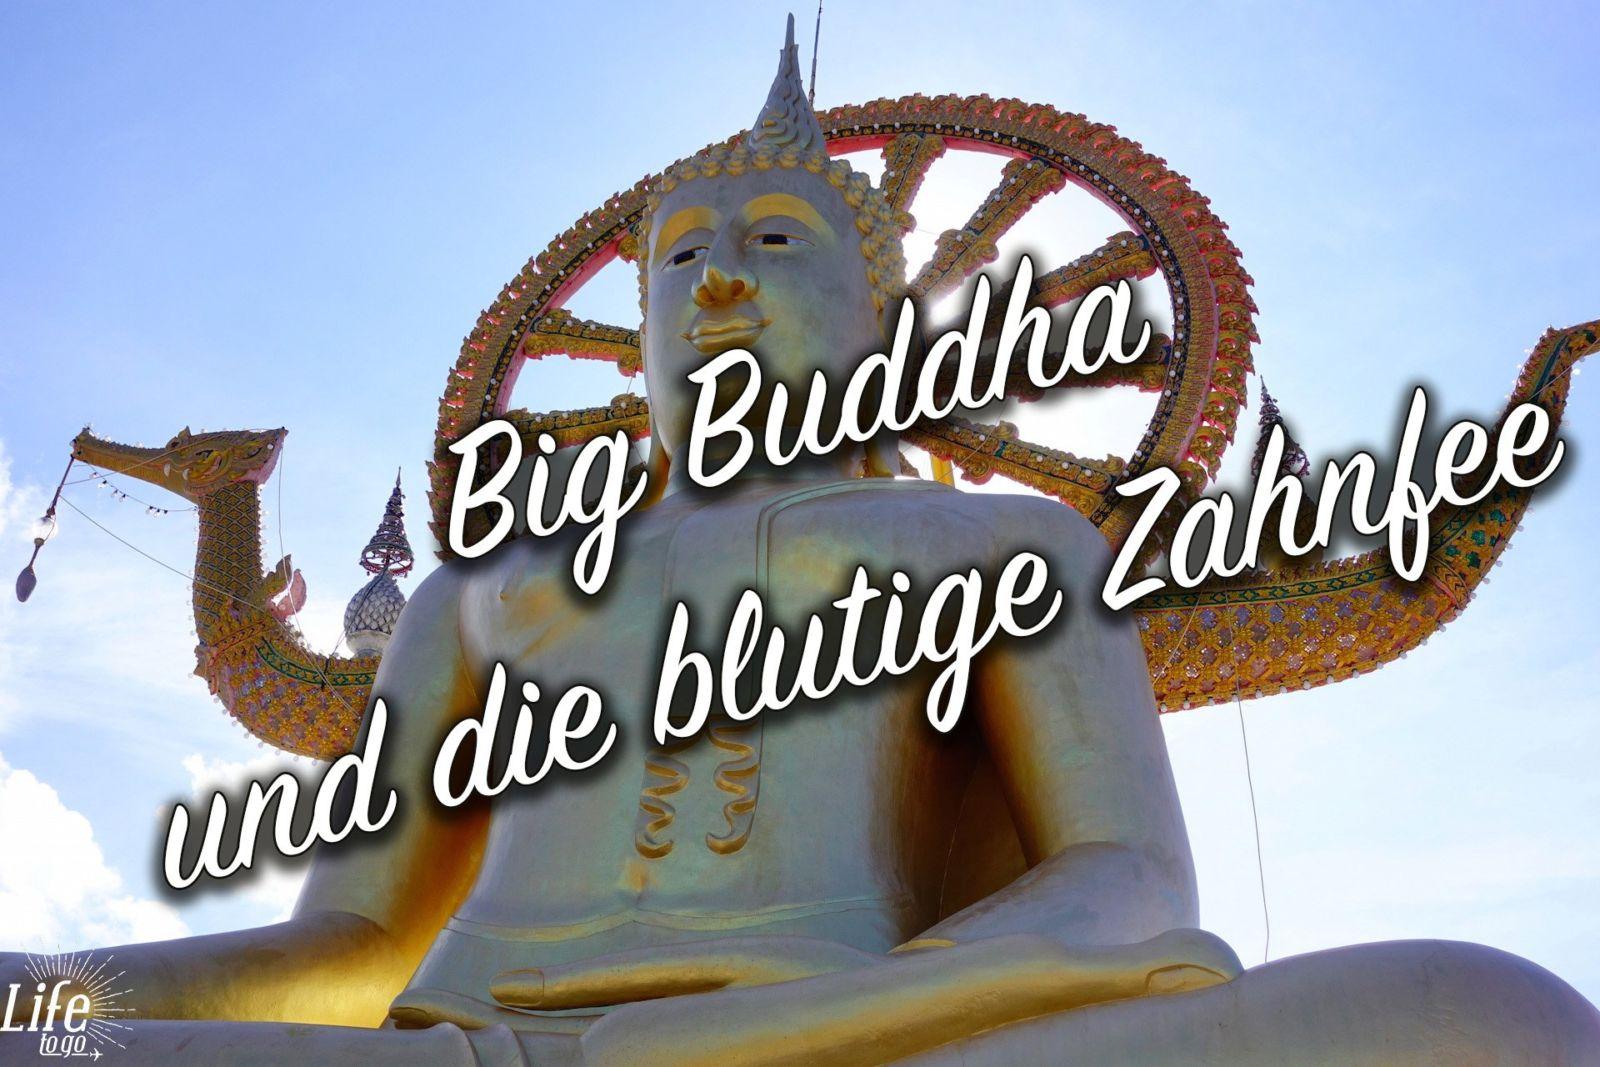 Big Buddha auf Koh Samui und die blutige Zahnfee